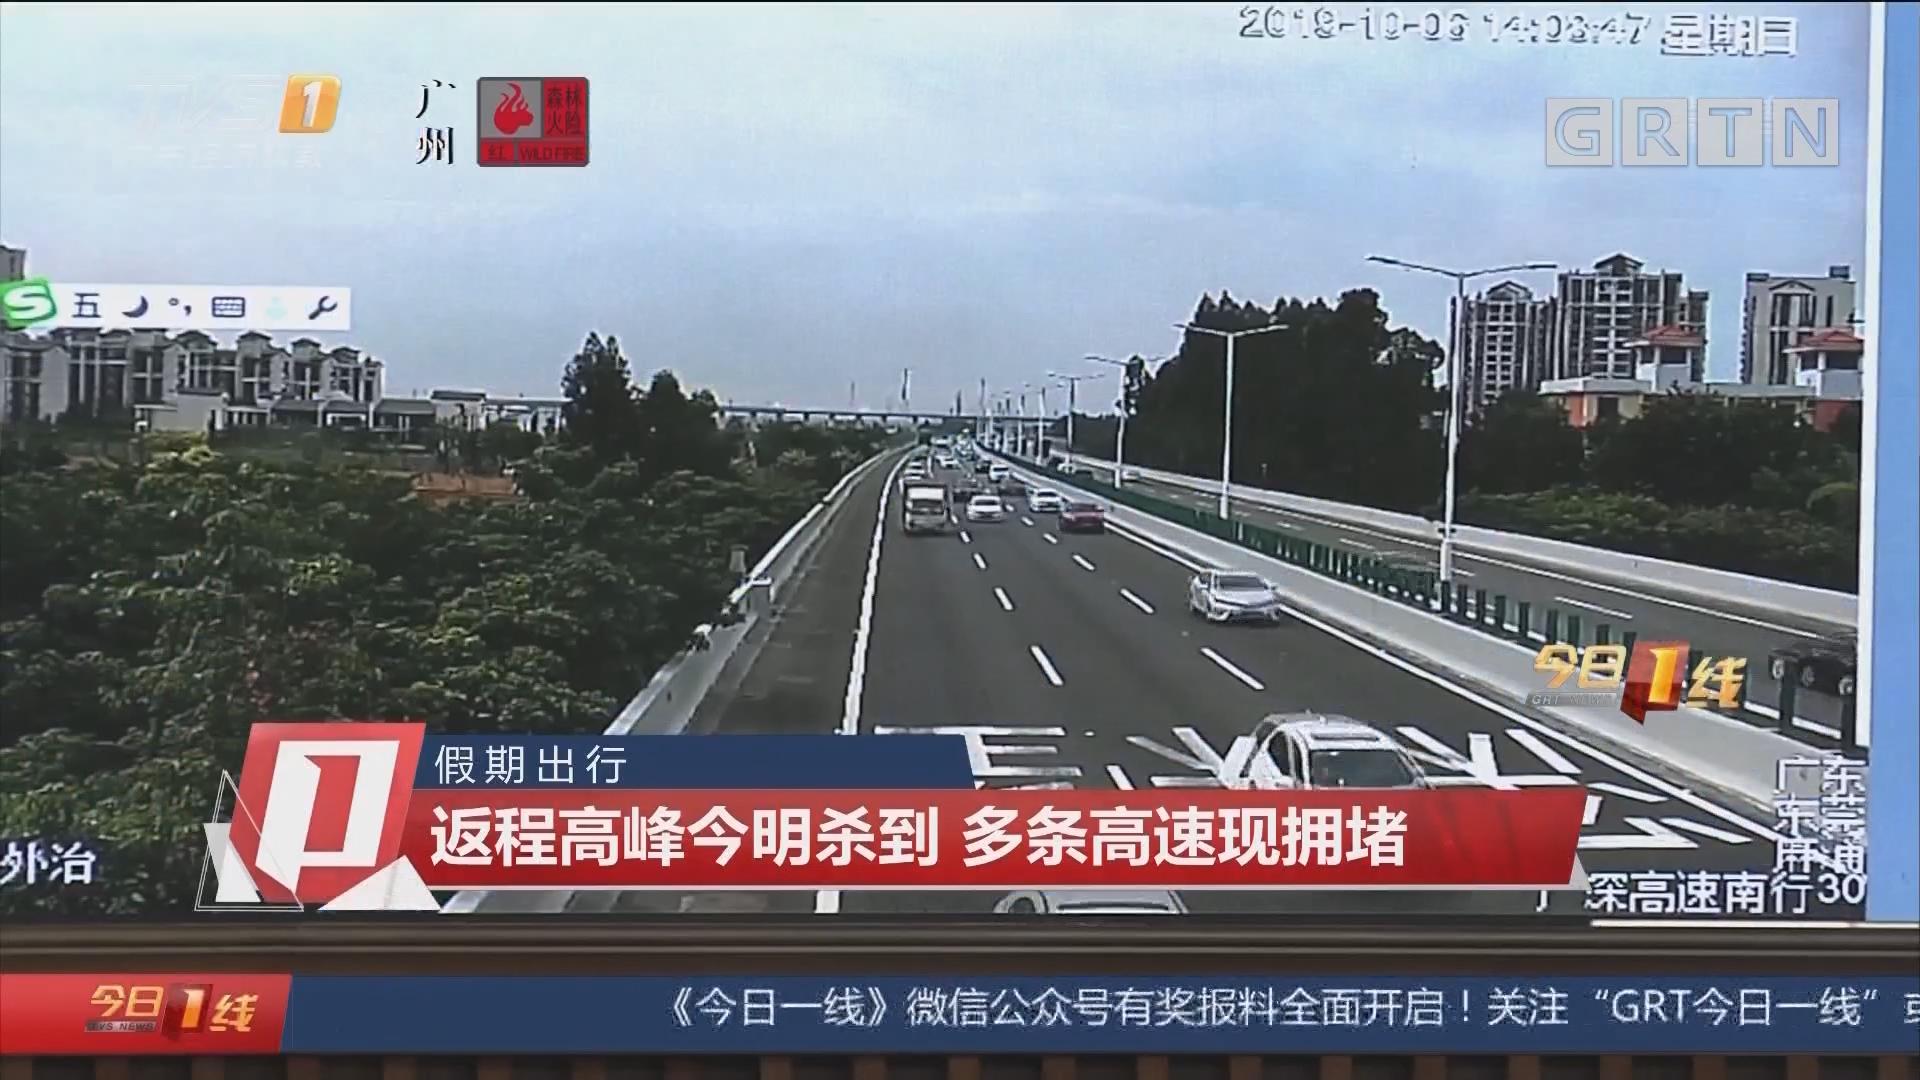 假期出行:返程高峰今明殺到 多條高速現擁堵